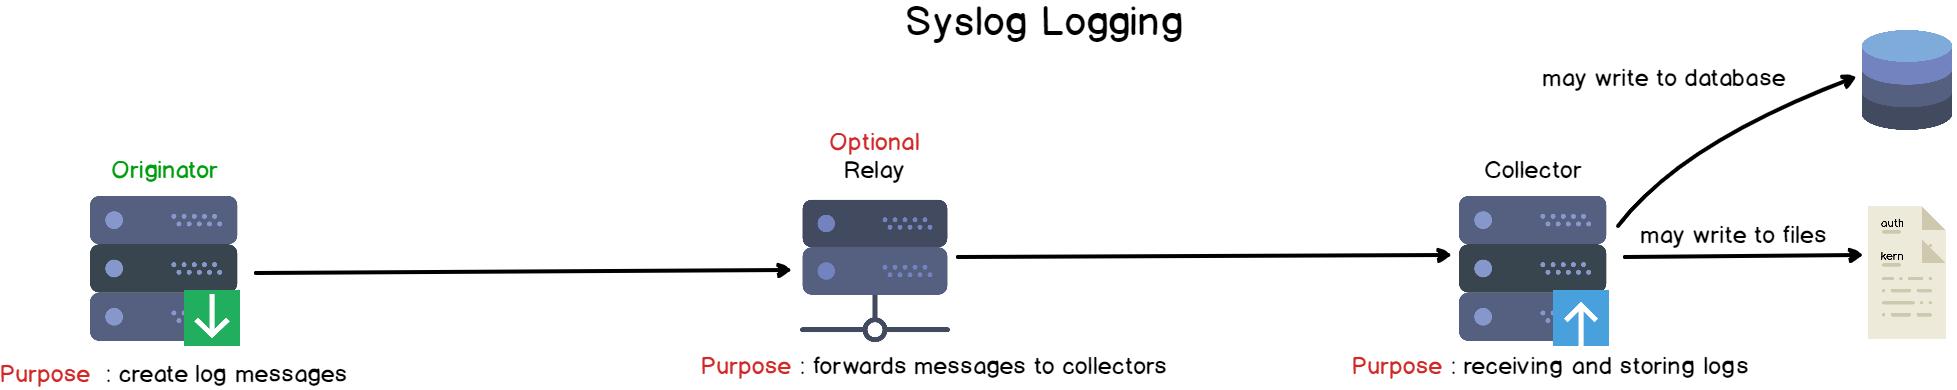 Syslog architecture explained